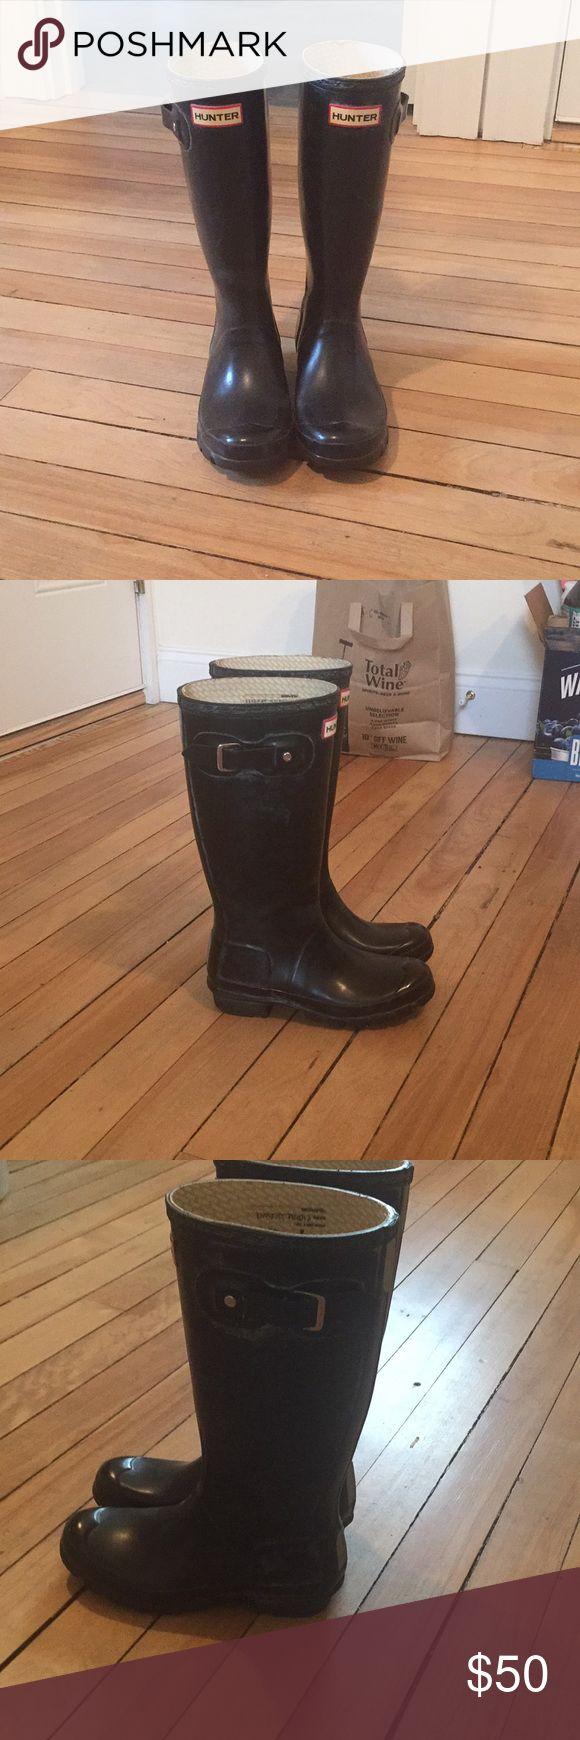 kids hunter rain boots Black big kid hunter rain boots. Hunter Boots Shoes Winter & Rain Boots